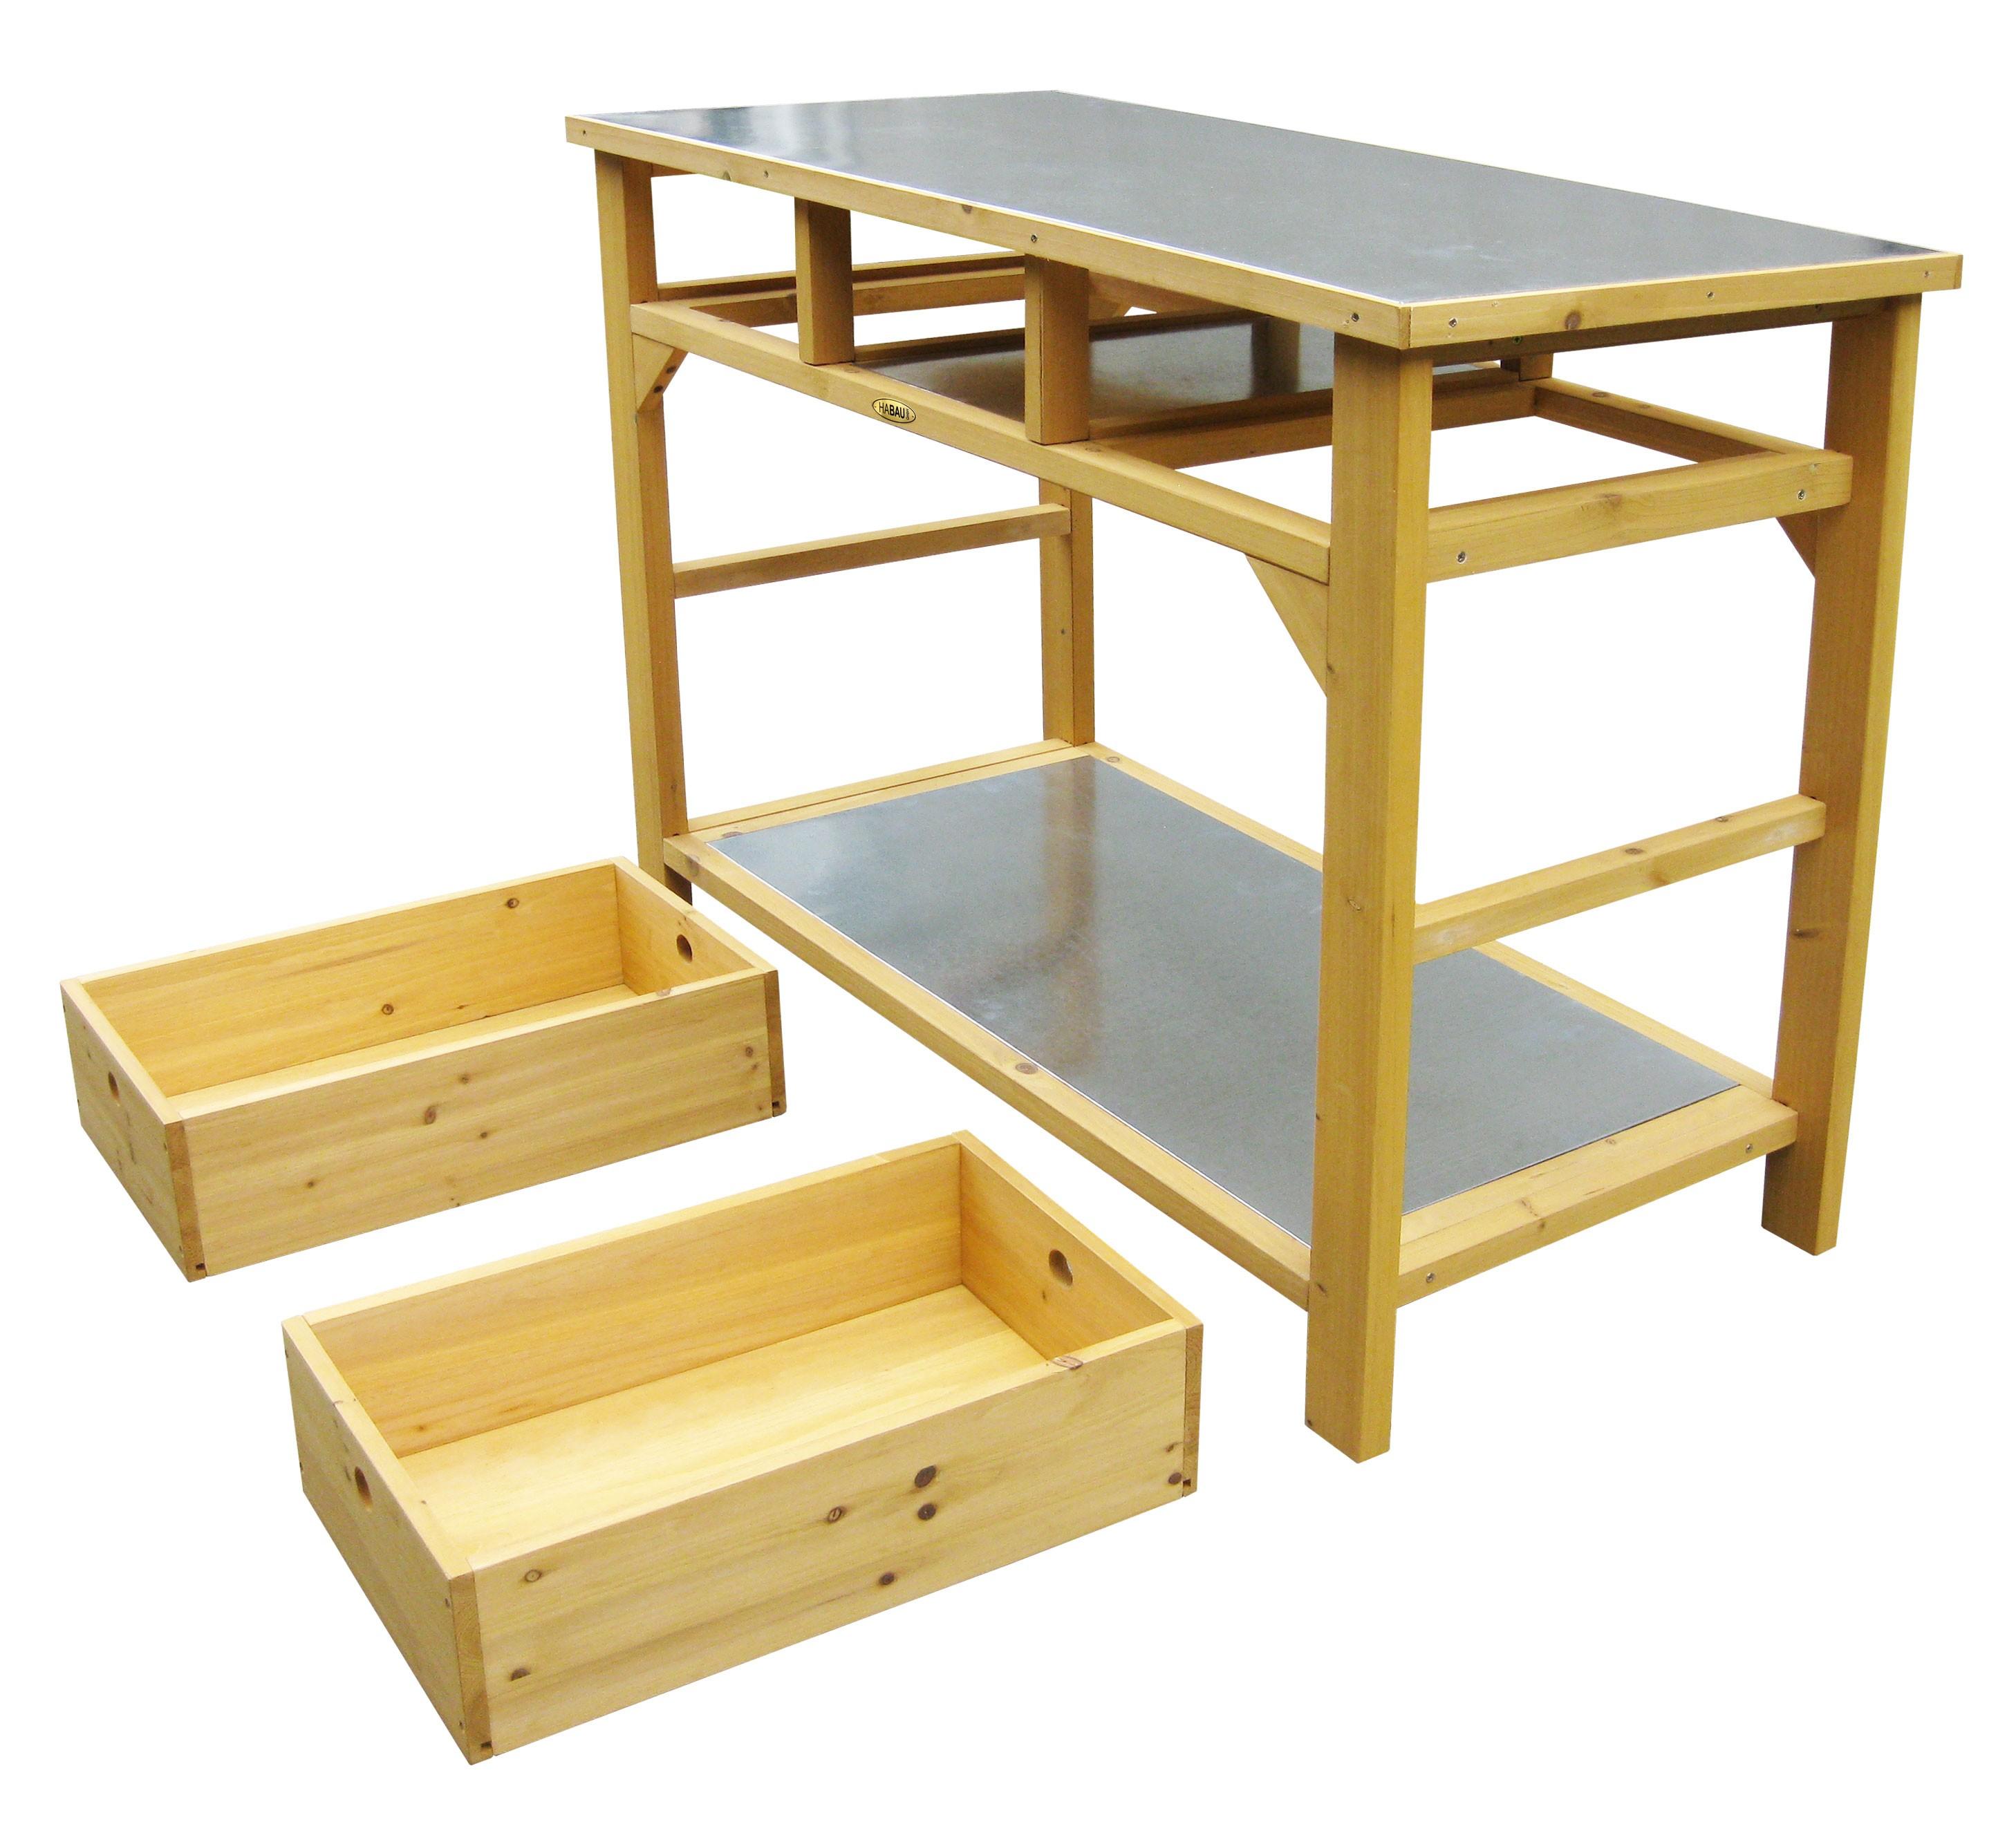 pflanztisch habau schublade verzinkte arbeitspl 110x55x99cm bei. Black Bedroom Furniture Sets. Home Design Ideas